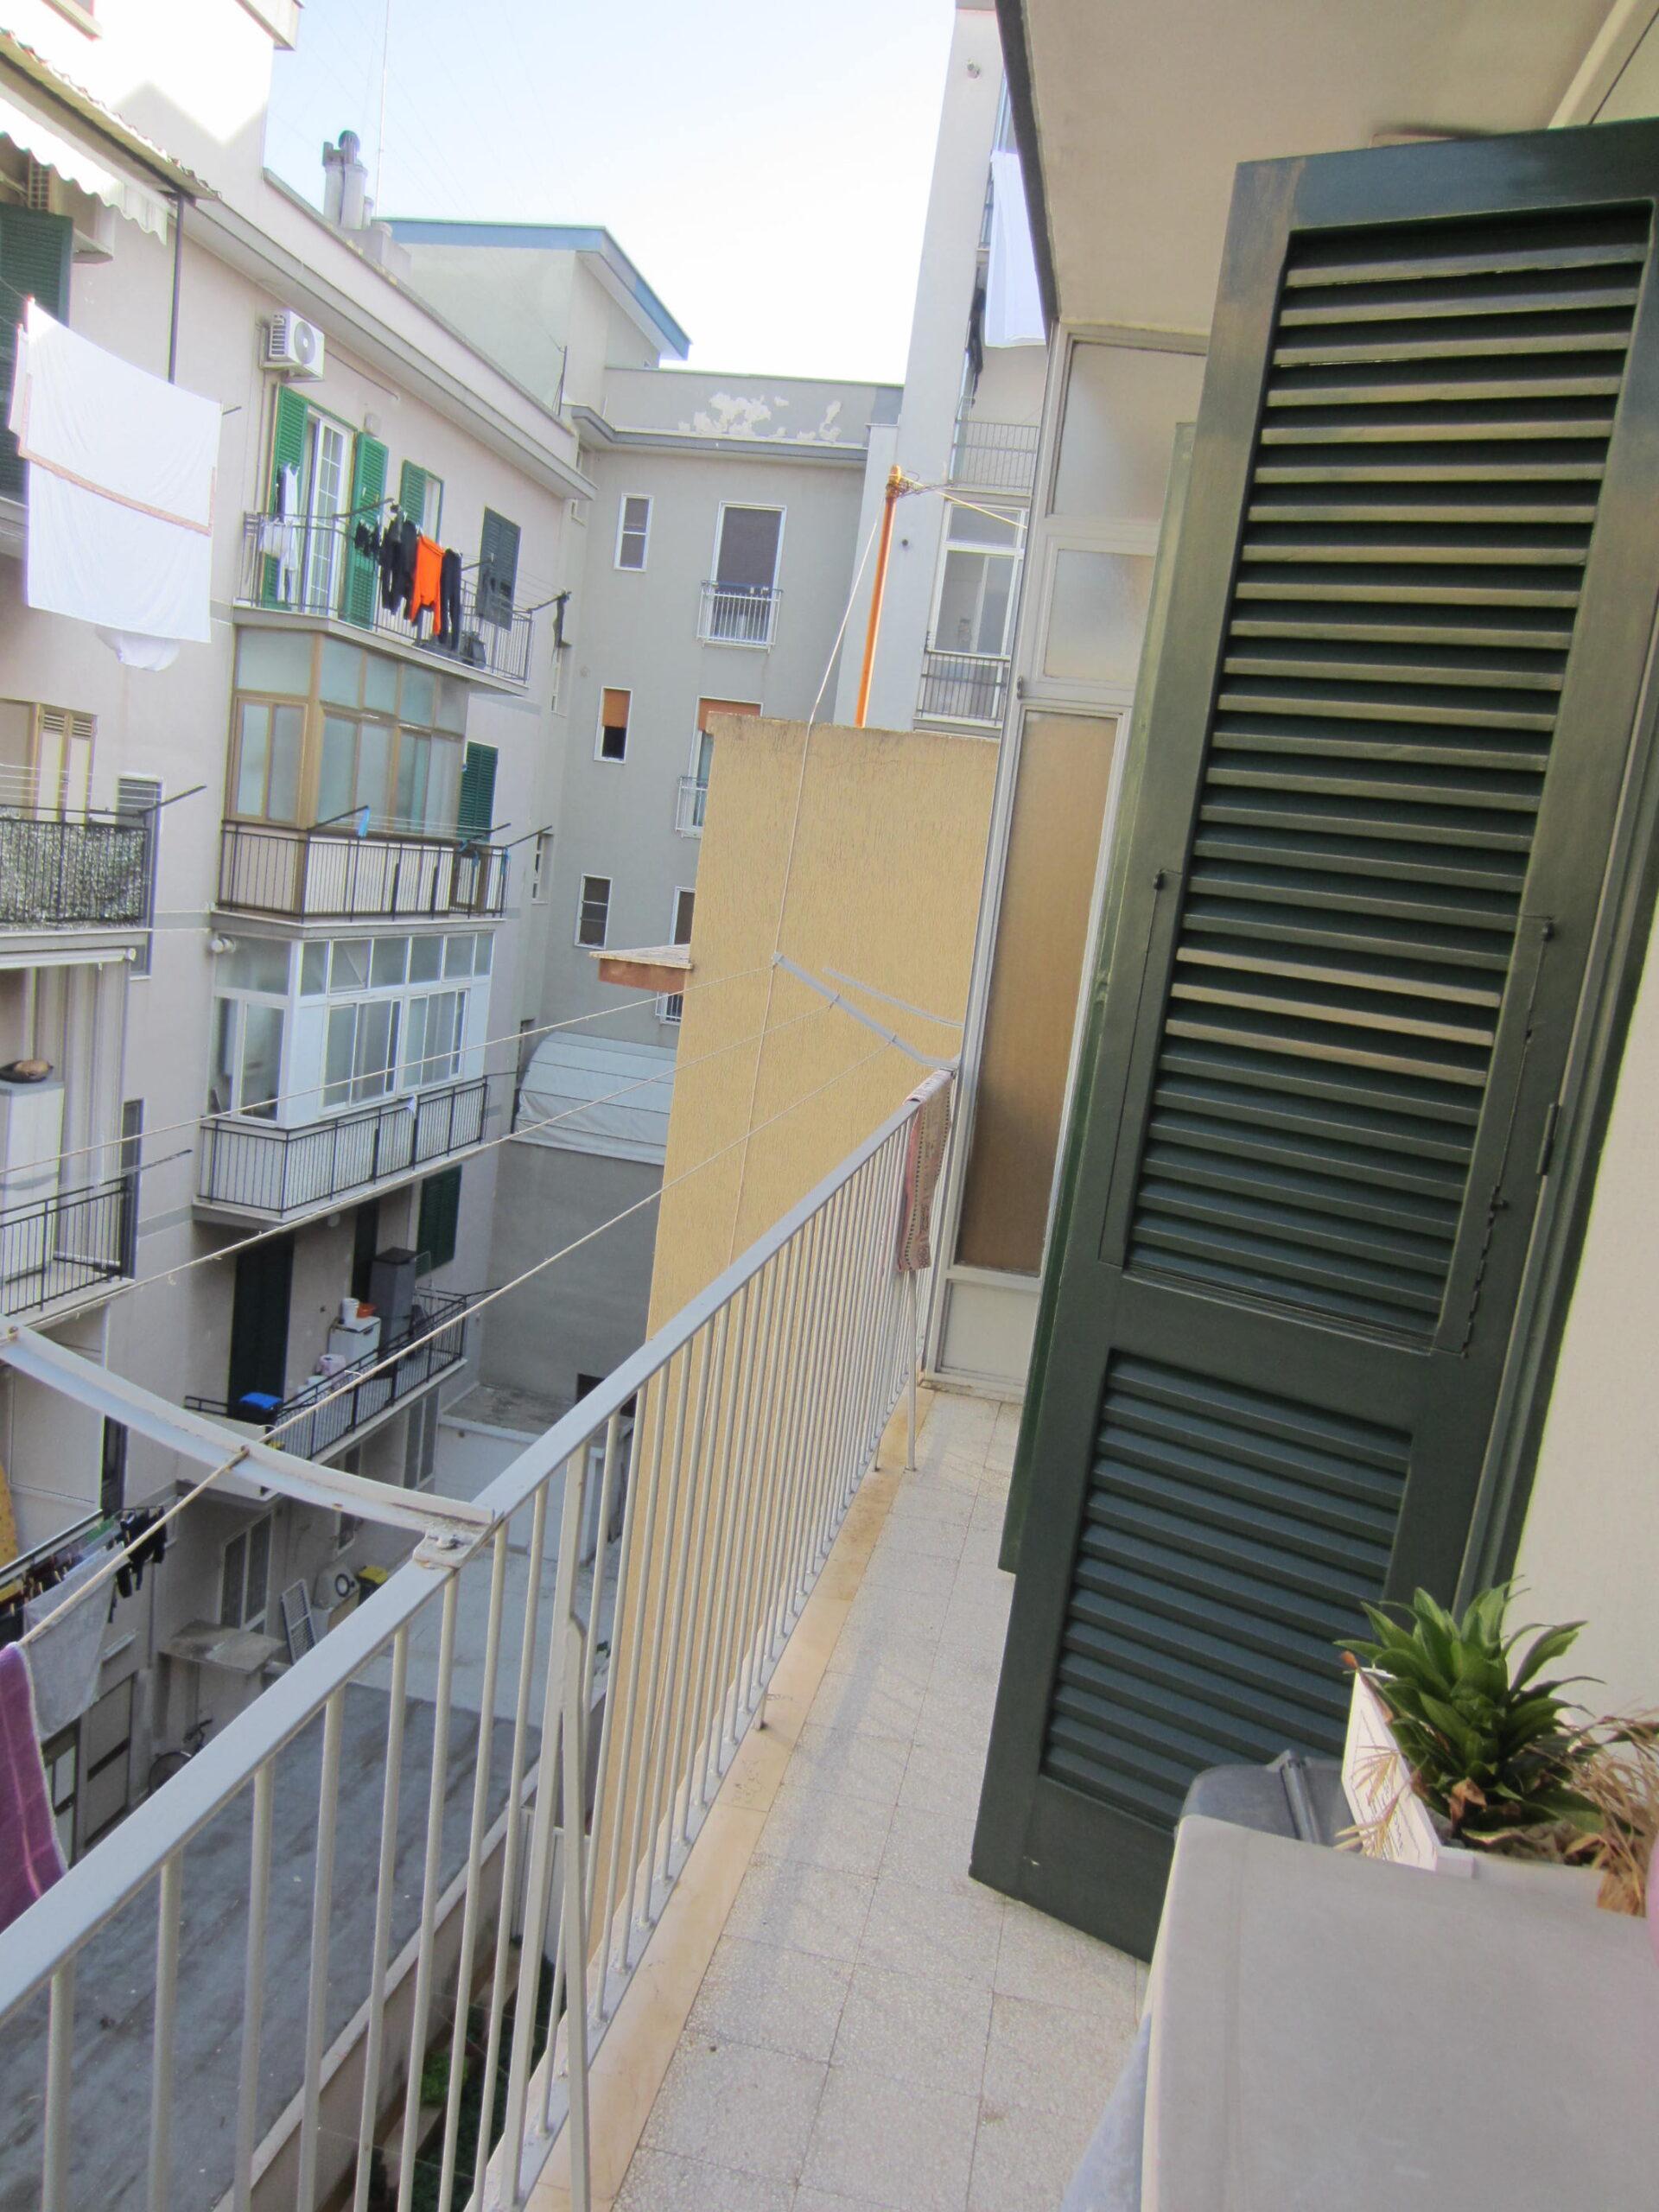 Appartamento totalmente ristrutturato in zona seminario